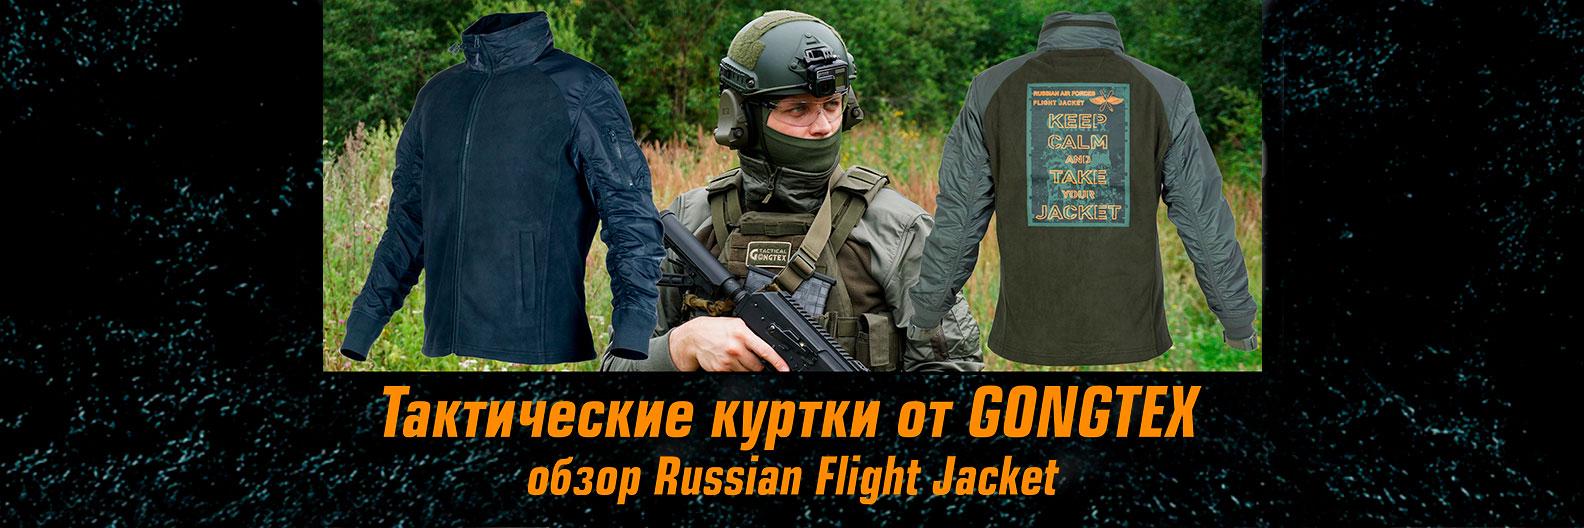 Новое поступление! Отличные тактические куртки от Gongtex!